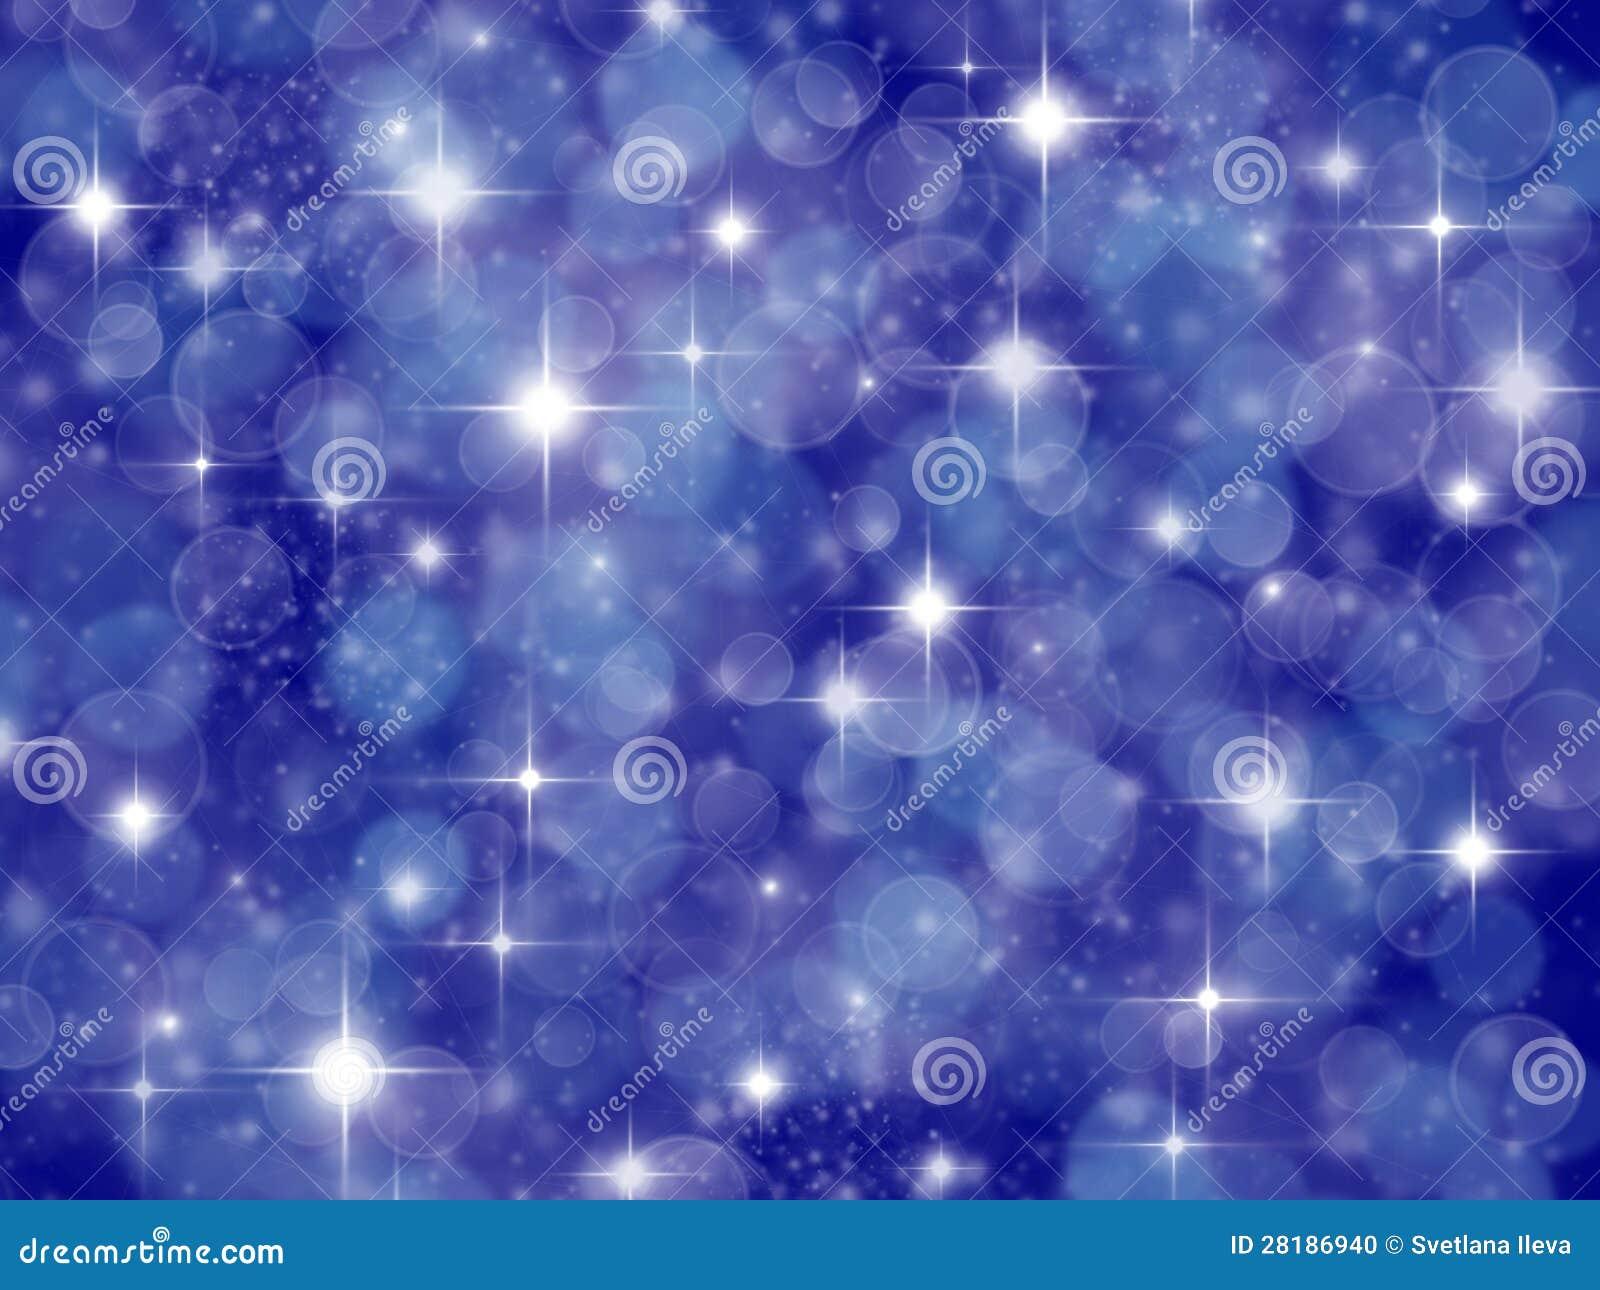 fond bleu fonc avec l 39 effet et les toiles de boke photo stock image 28186940. Black Bedroom Furniture Sets. Home Design Ideas